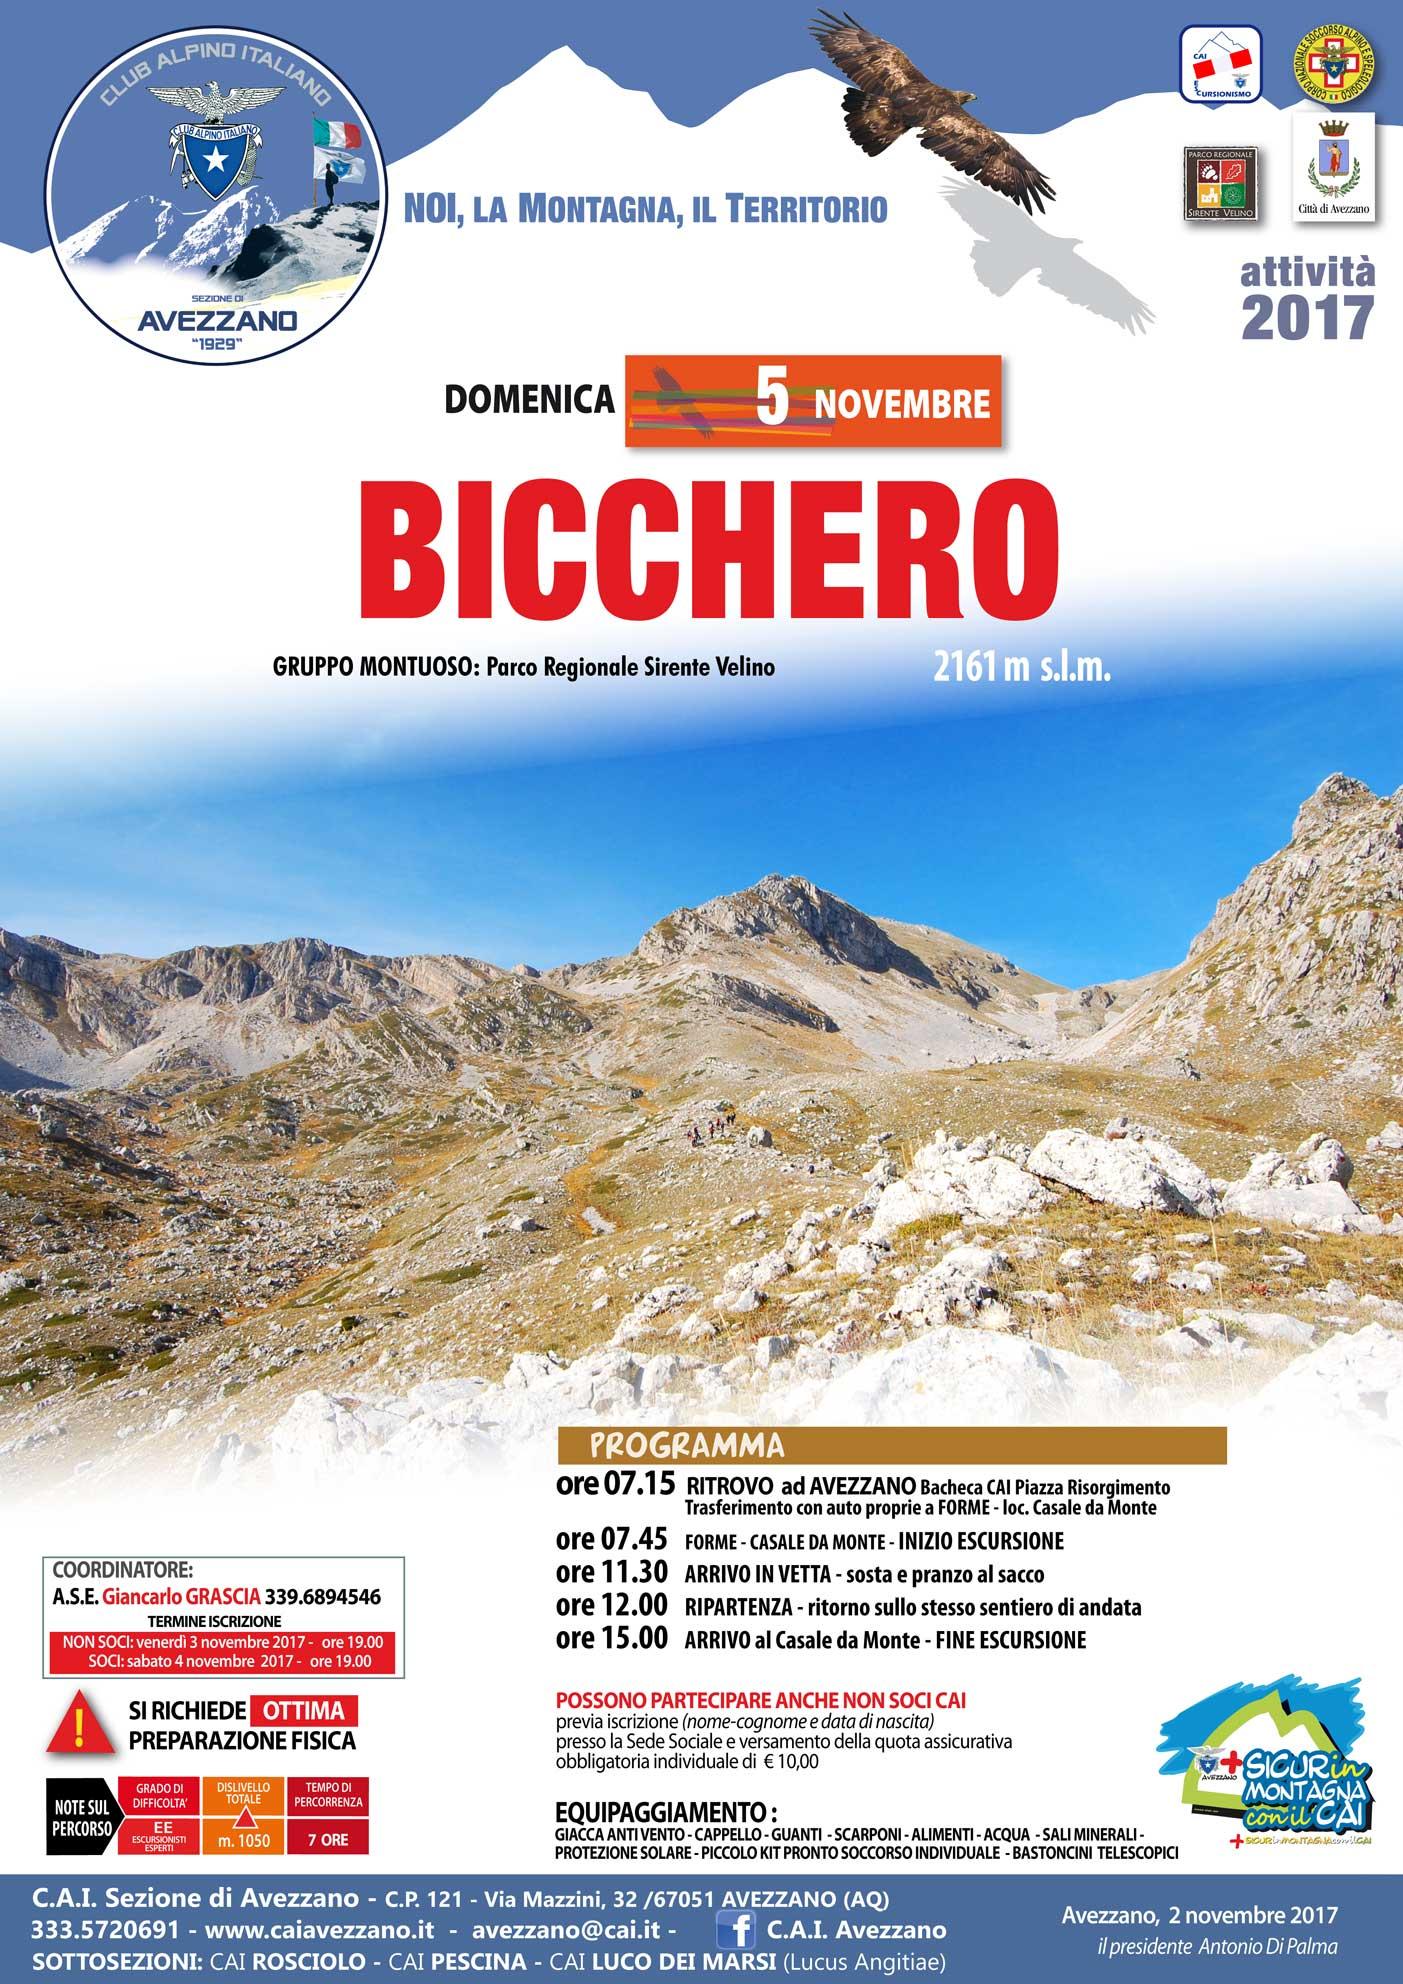 BICCHERO-5-NOV-2017-email